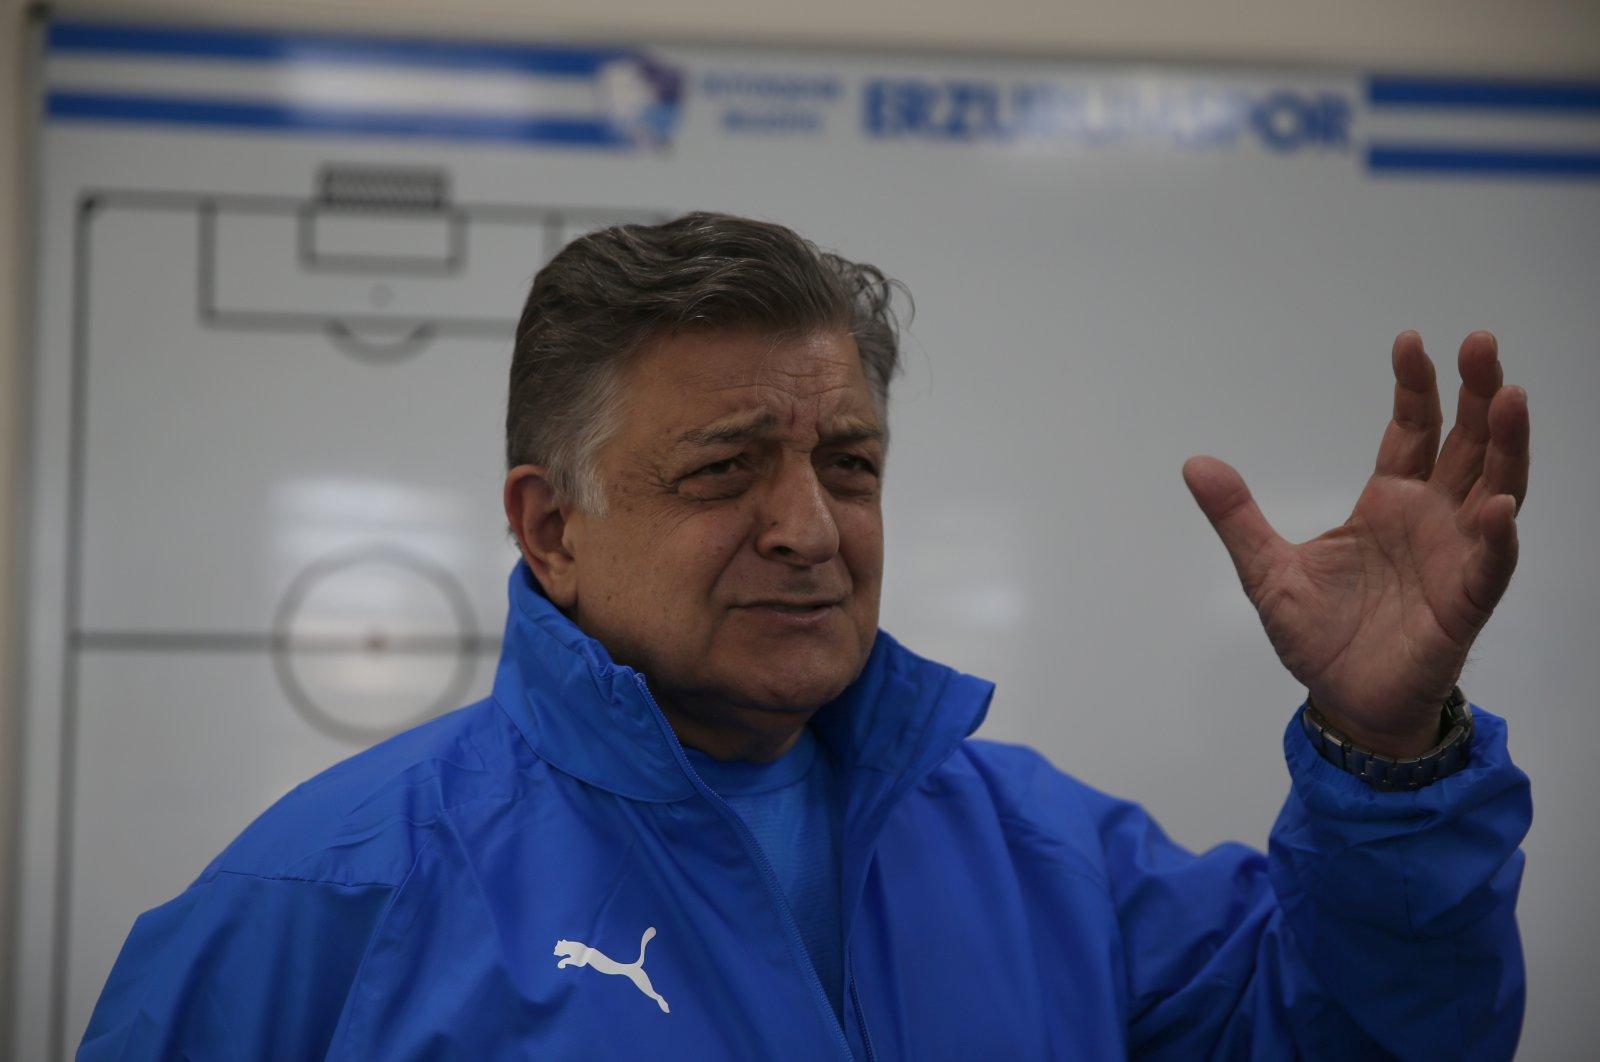 Turkish Süper Lig side Erzurumspor's newly appointed coach Yılmaz Vural speaks during an interview, Erzurum, eastern Turkey, March 31, 2021 (AA Photo)